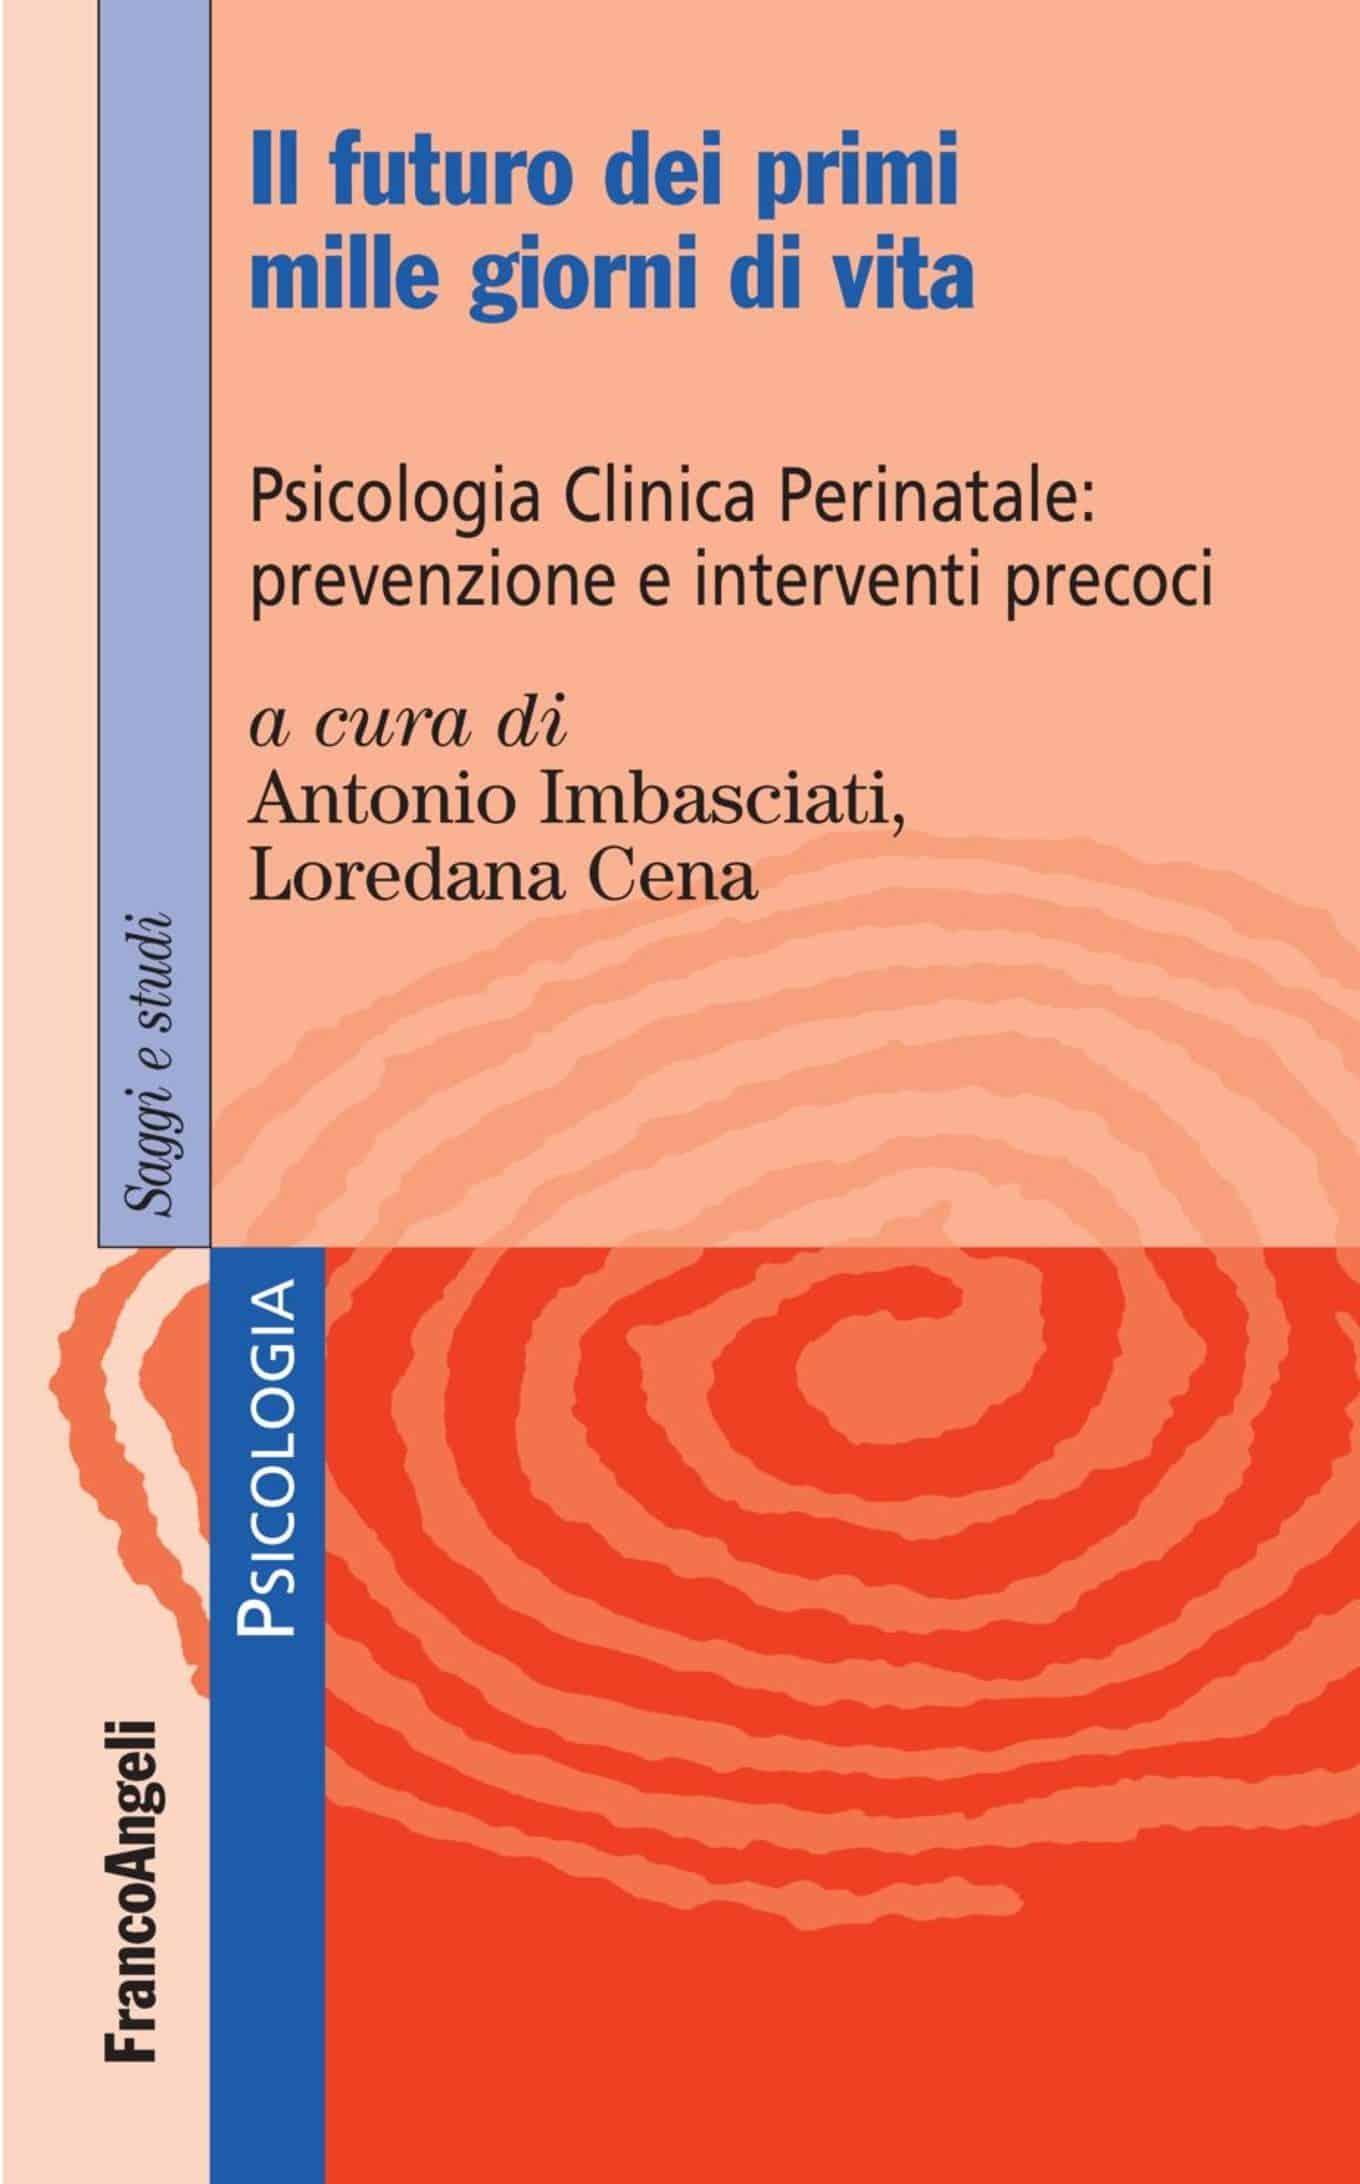 Il futuro dei primi 1000 giorni di vita. Psicologia clinica perinatale: prevenzione e interventi precoci (2018) di Antonio Imbasciati e Loredana Cena – Recensione